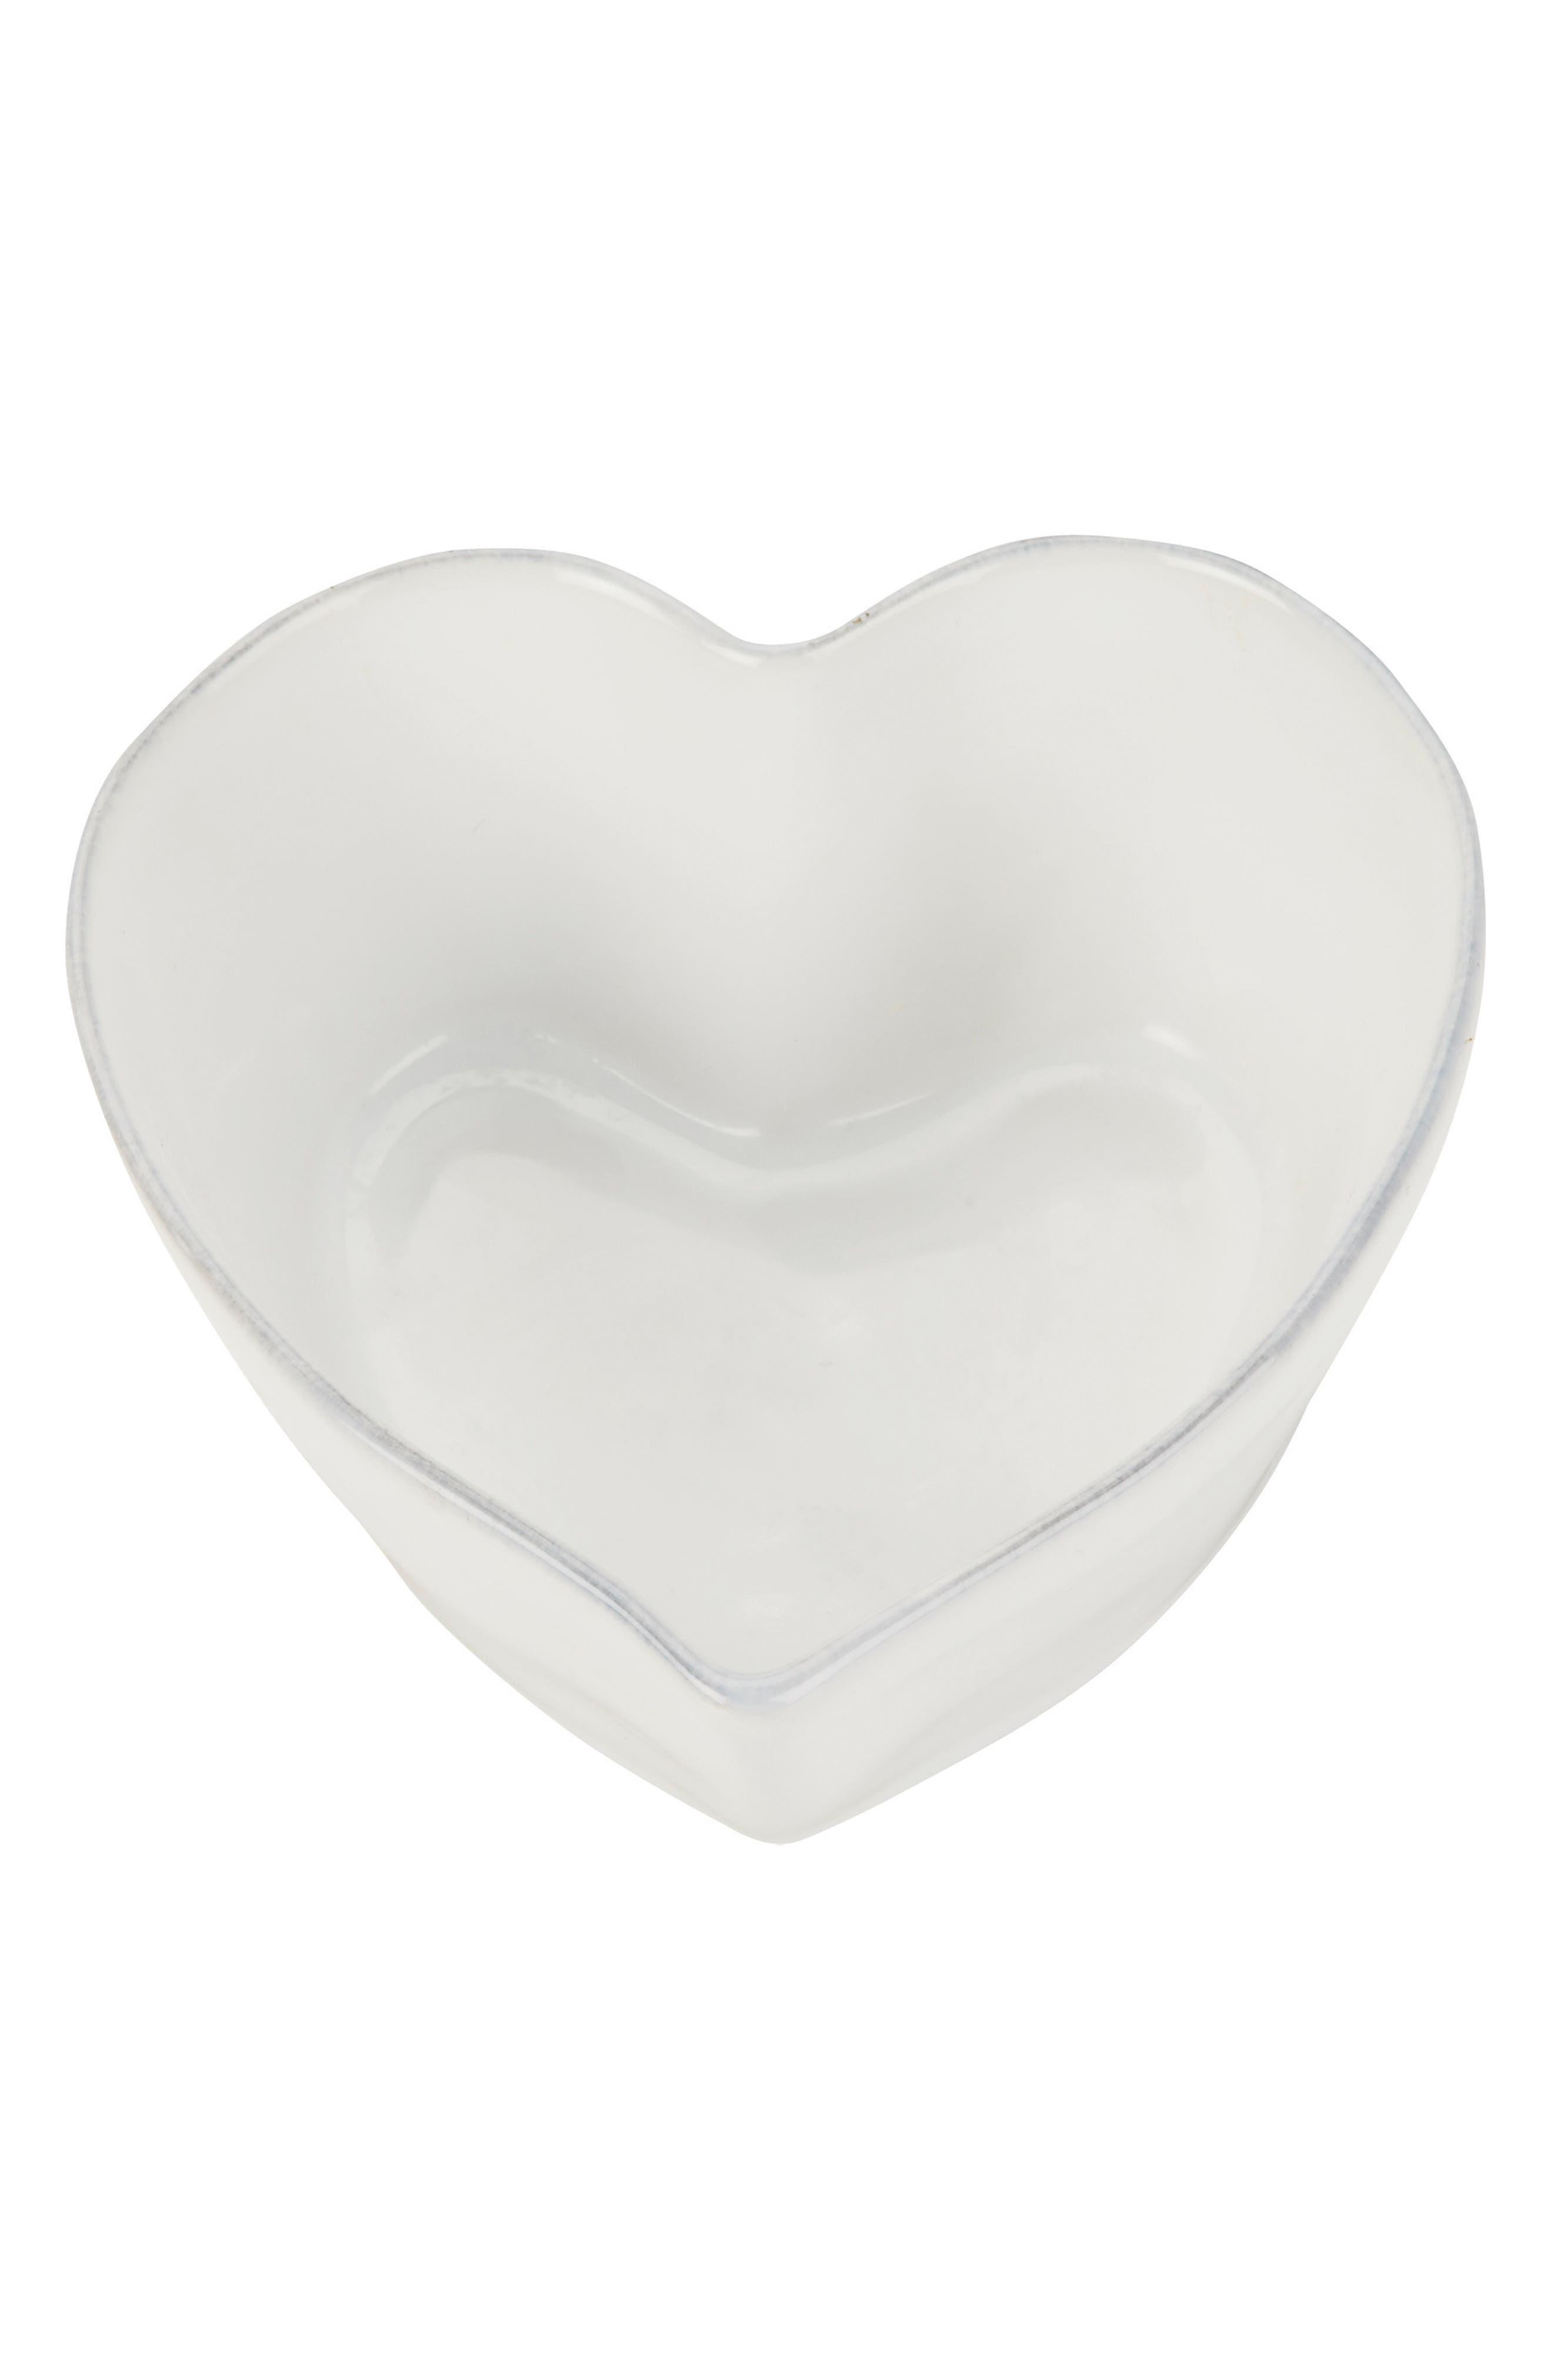 THE WHITE COMPANY Porto Stoneware Heart Roaster, Main, color, WHITE